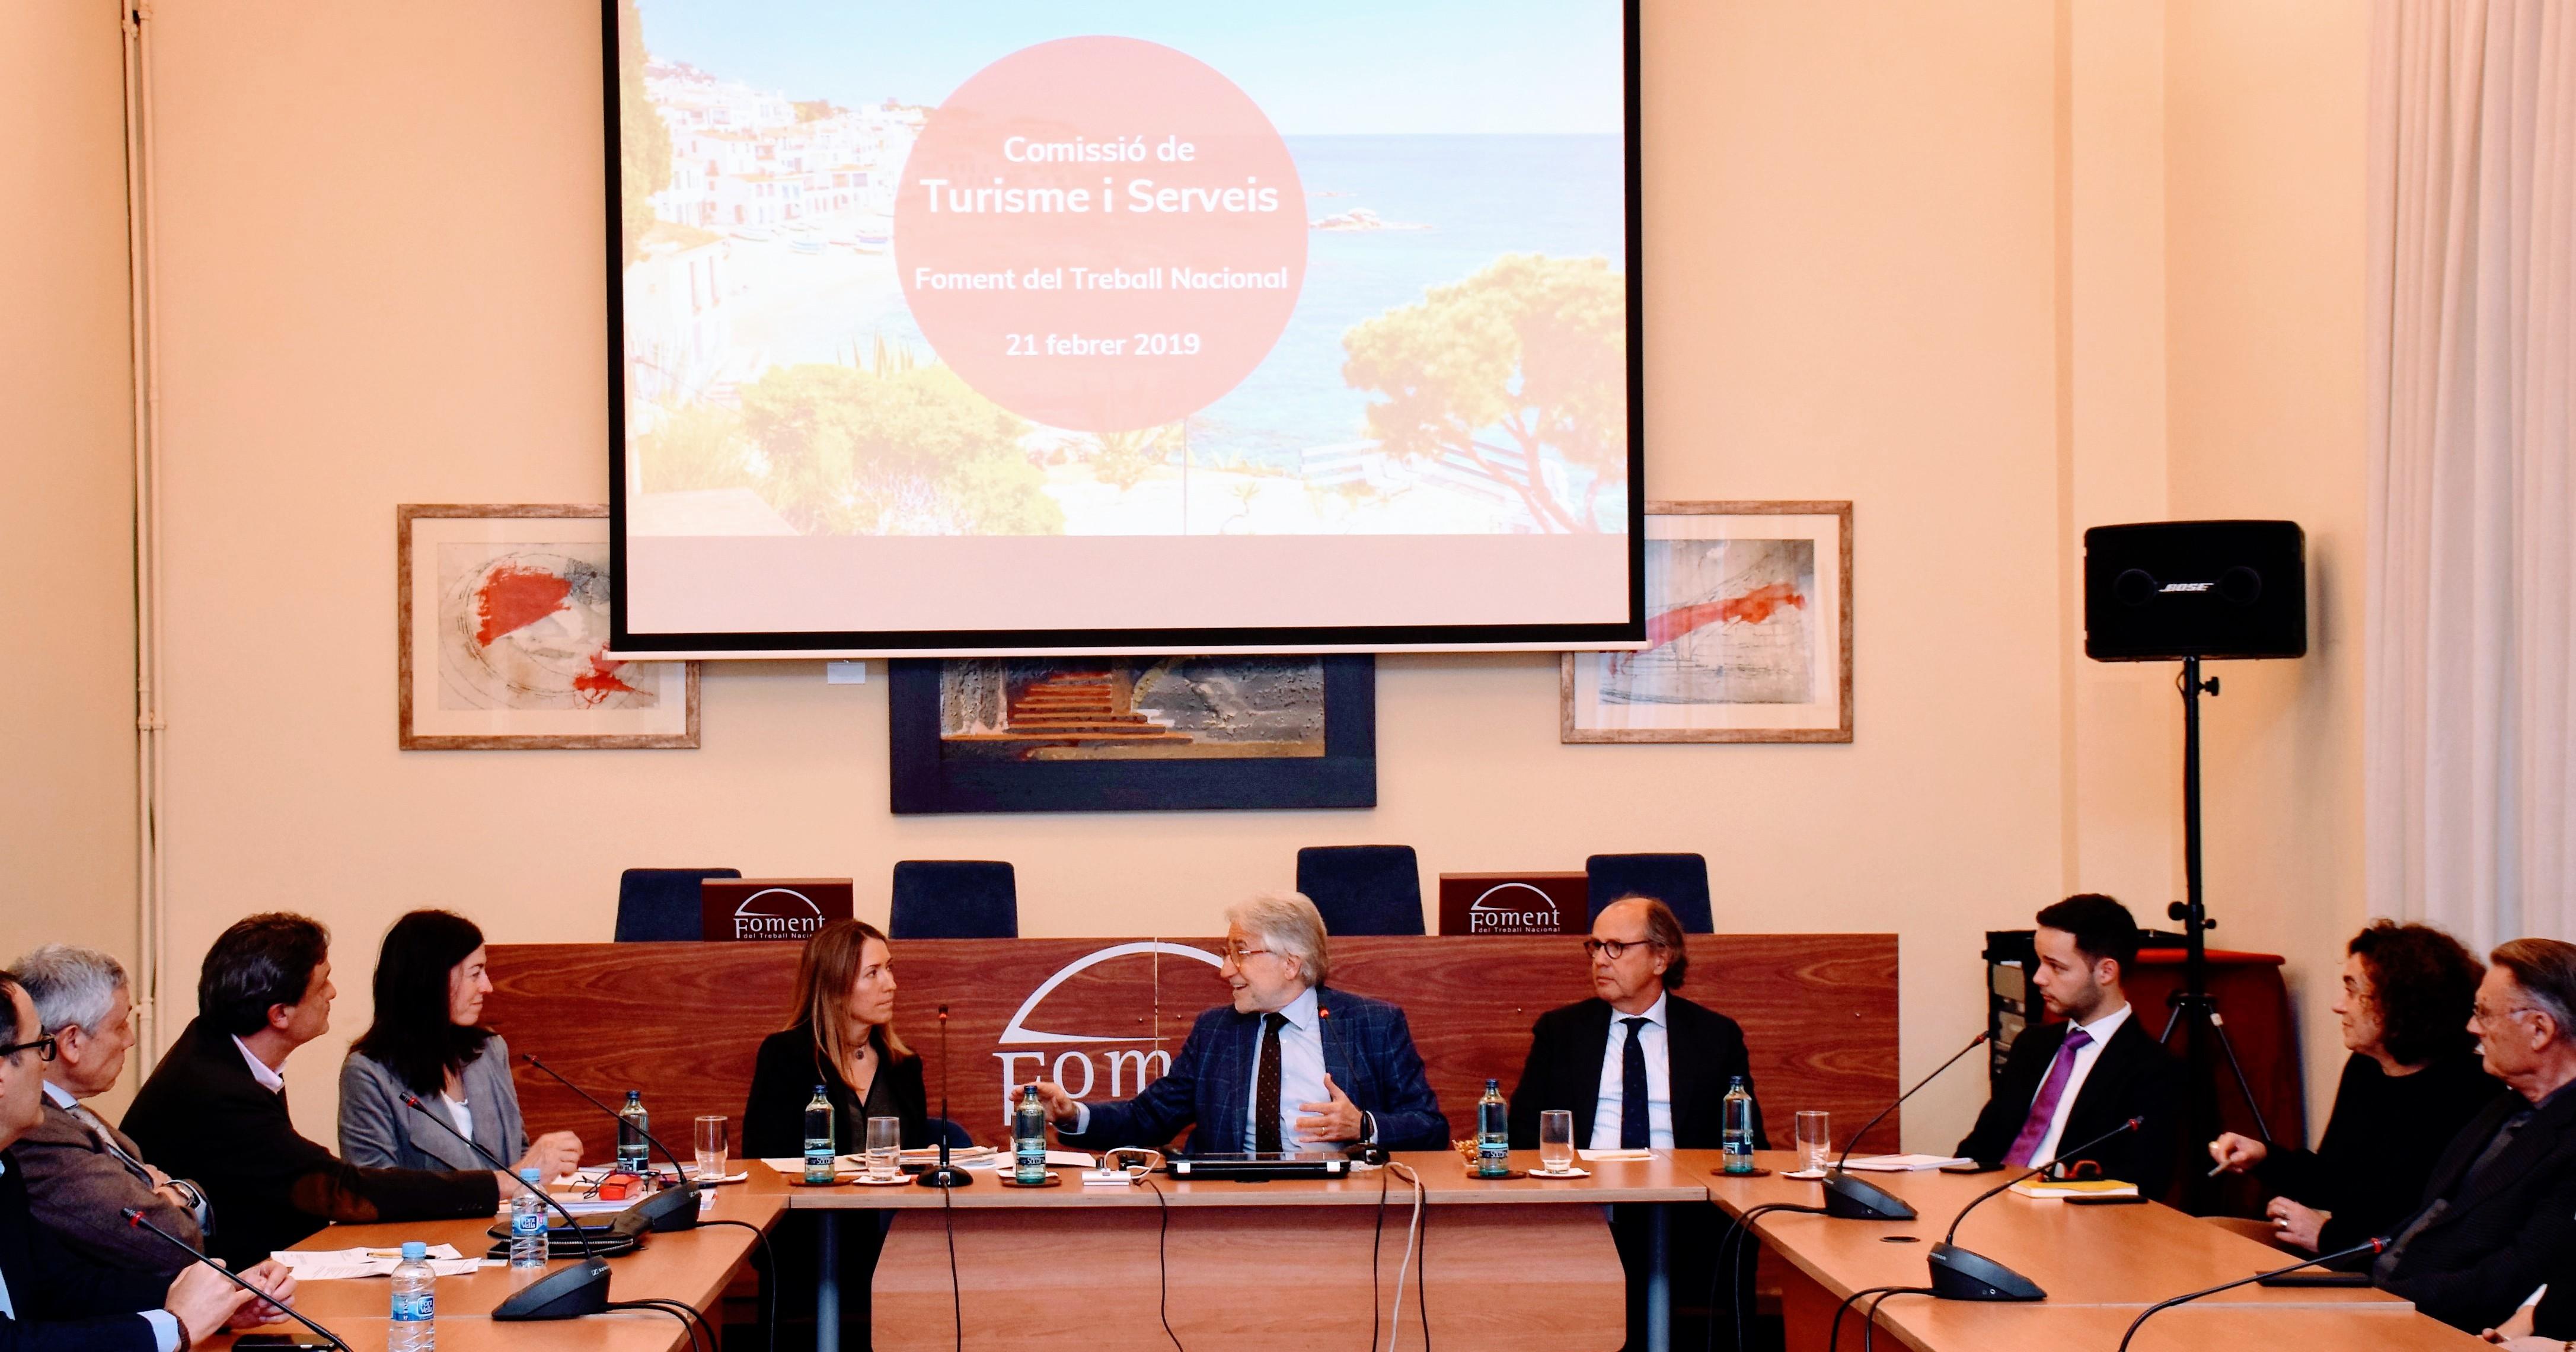 Foment trabaja, a través de su Comisión de Turismo y Servicios, en un documento de posicionamiento empresarial del sector turístico para las Elecciones Generales del 28 de abril